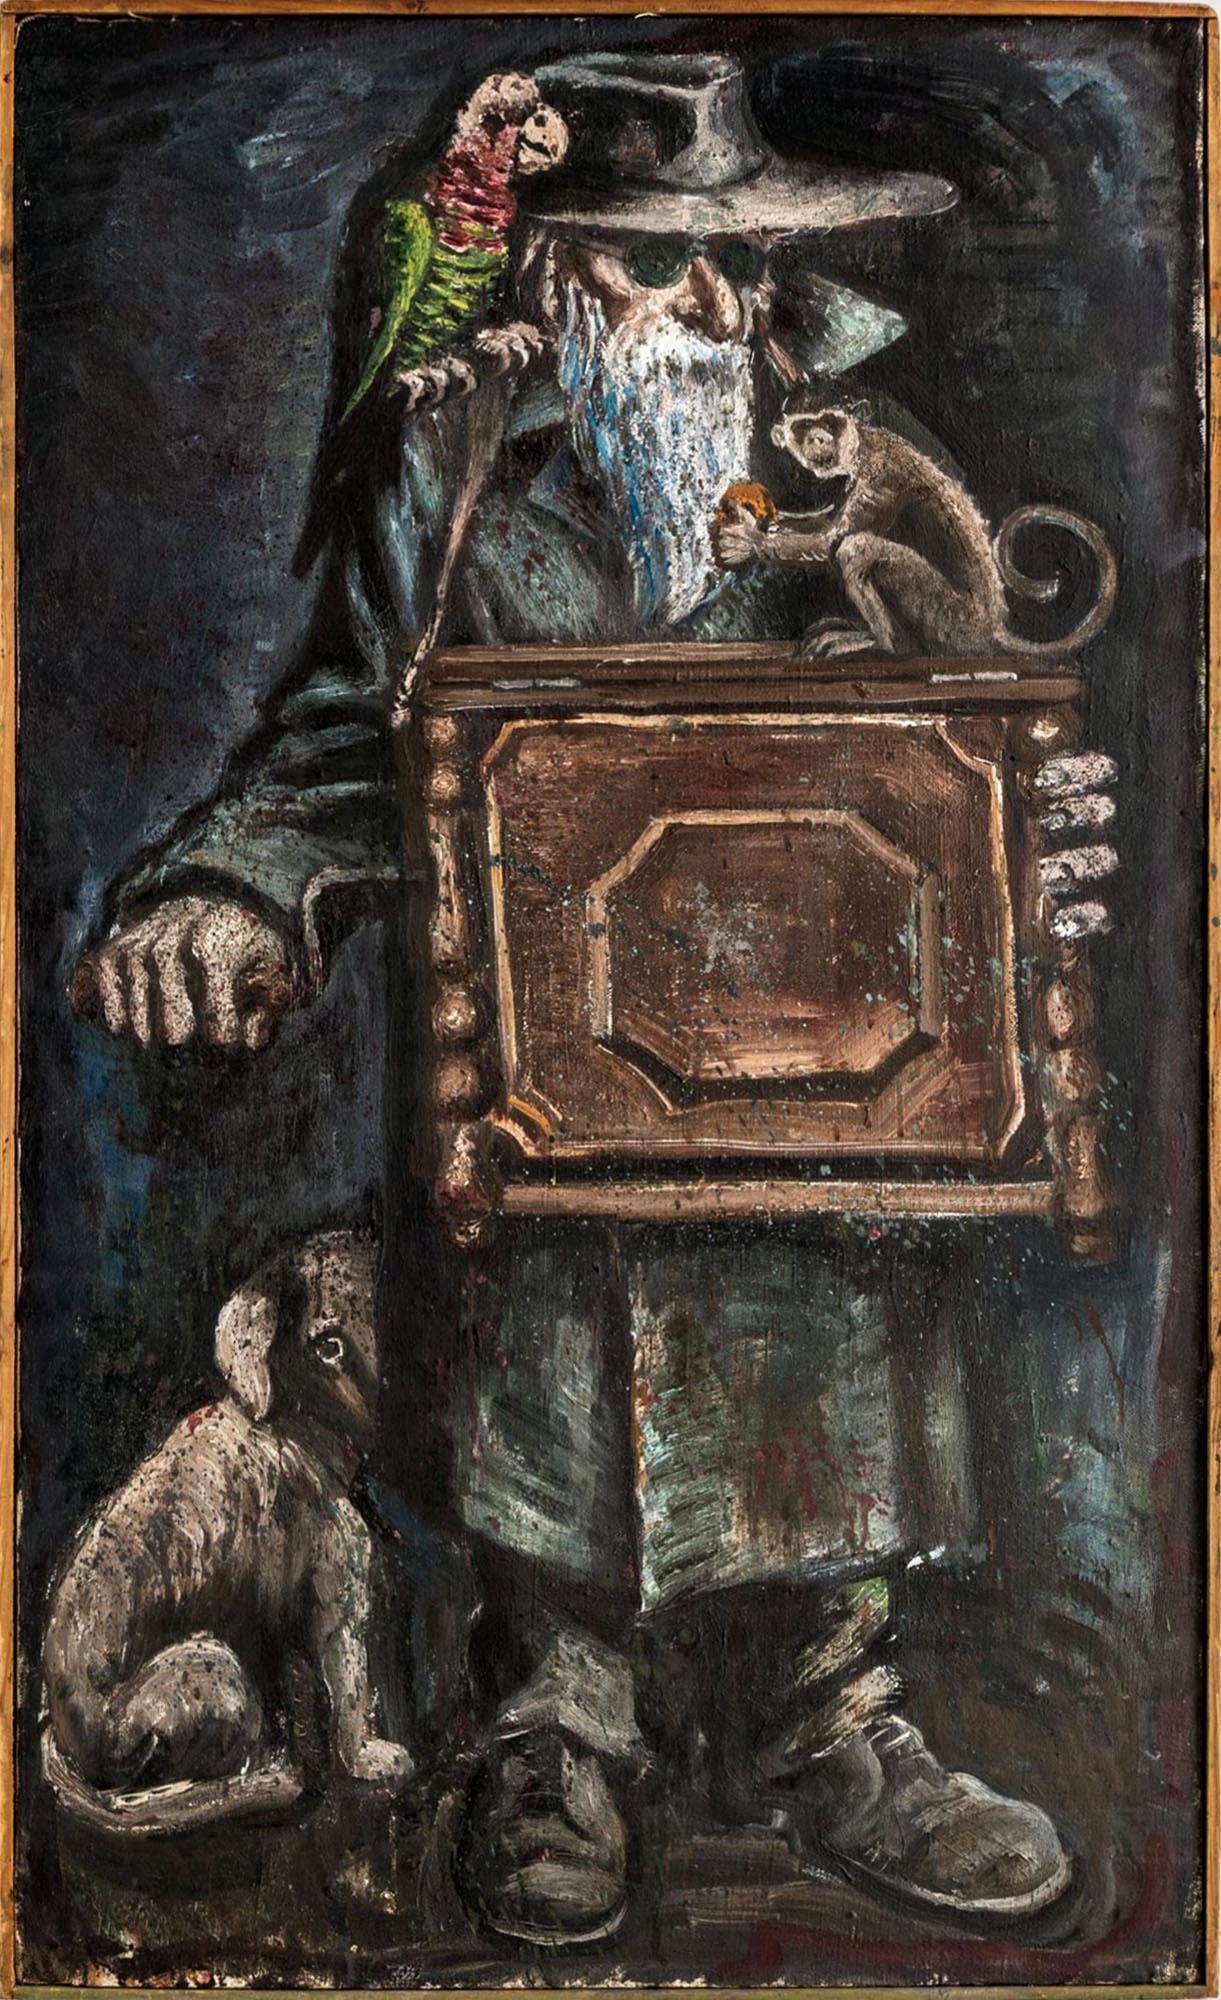 Открытке, шарманщик с обезьянкой картинки